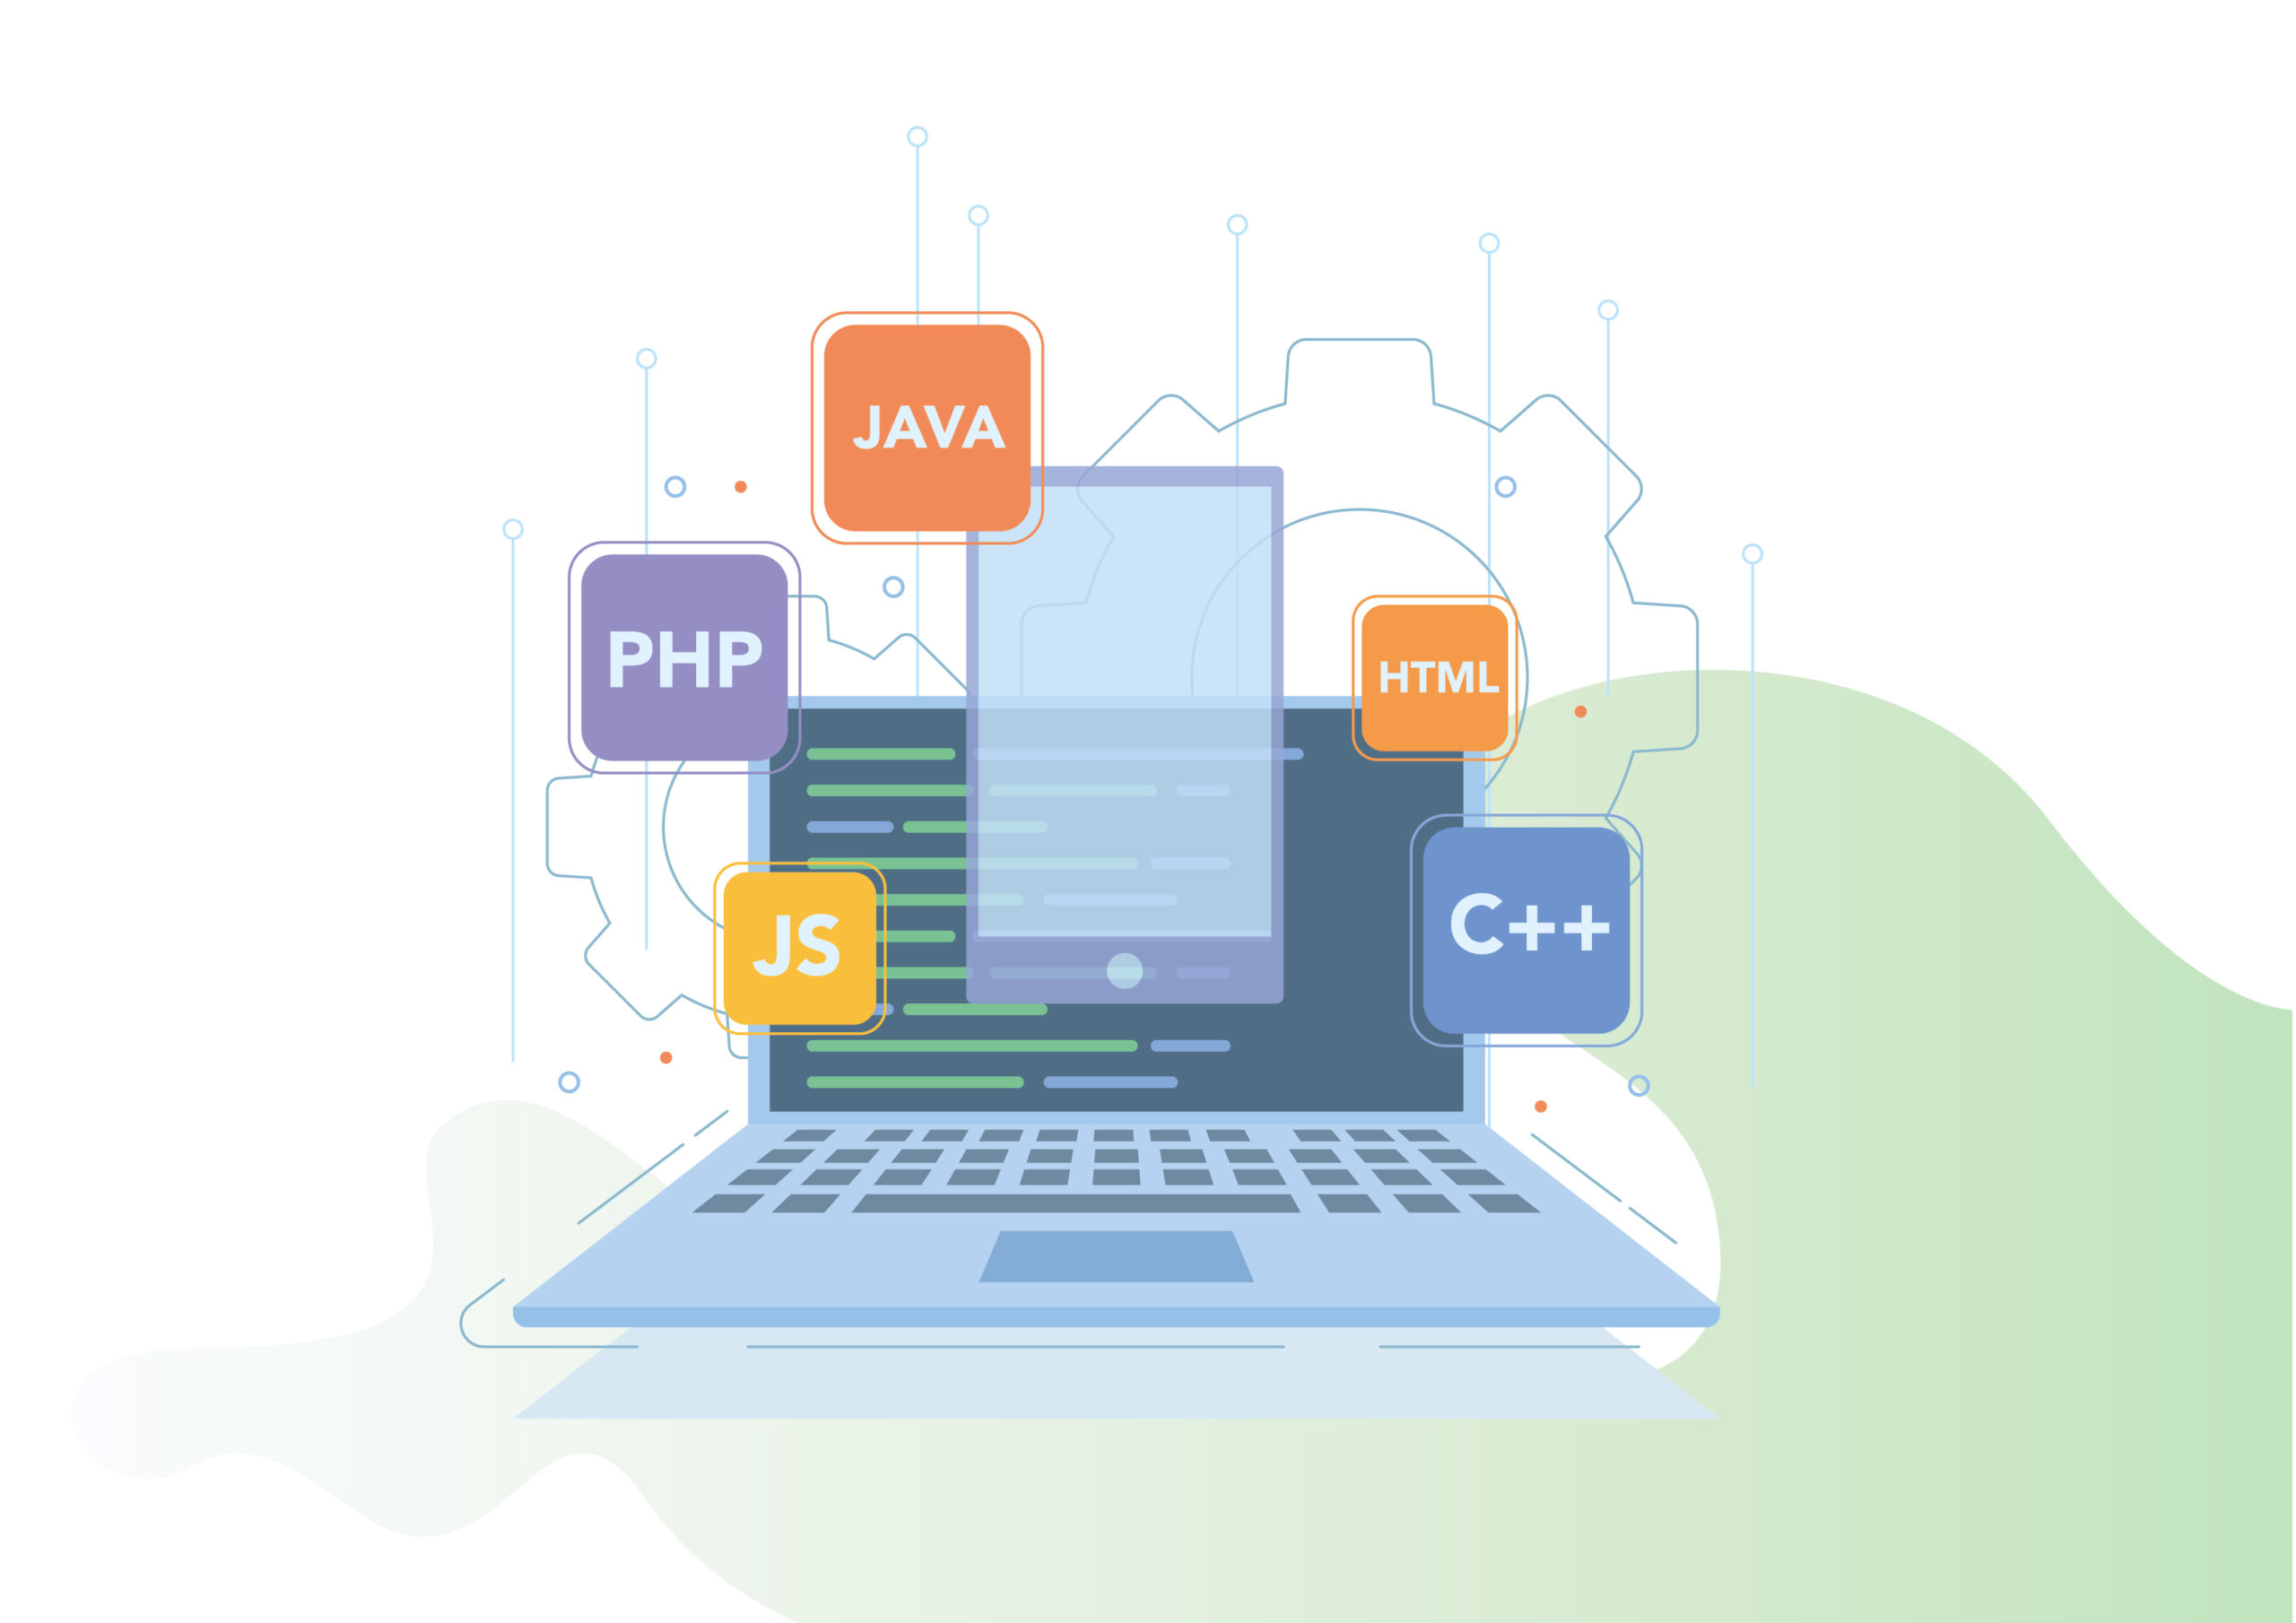 ansprechendes Webdesign programmieren